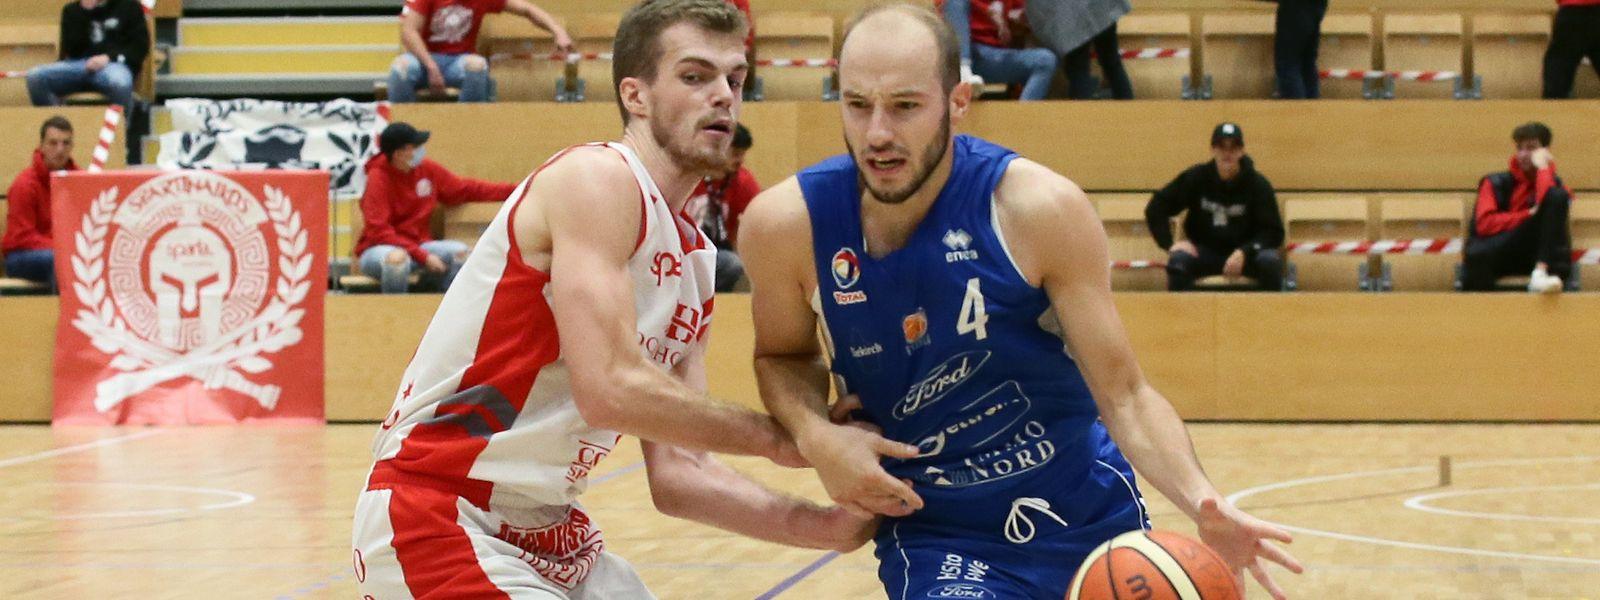 Basierend auf den offiziellen Statistiken gehören Yannick Verbeelen und Philippe Gutenkauf (r.) zu den zwölf besten Basketballern in Luxemburg.